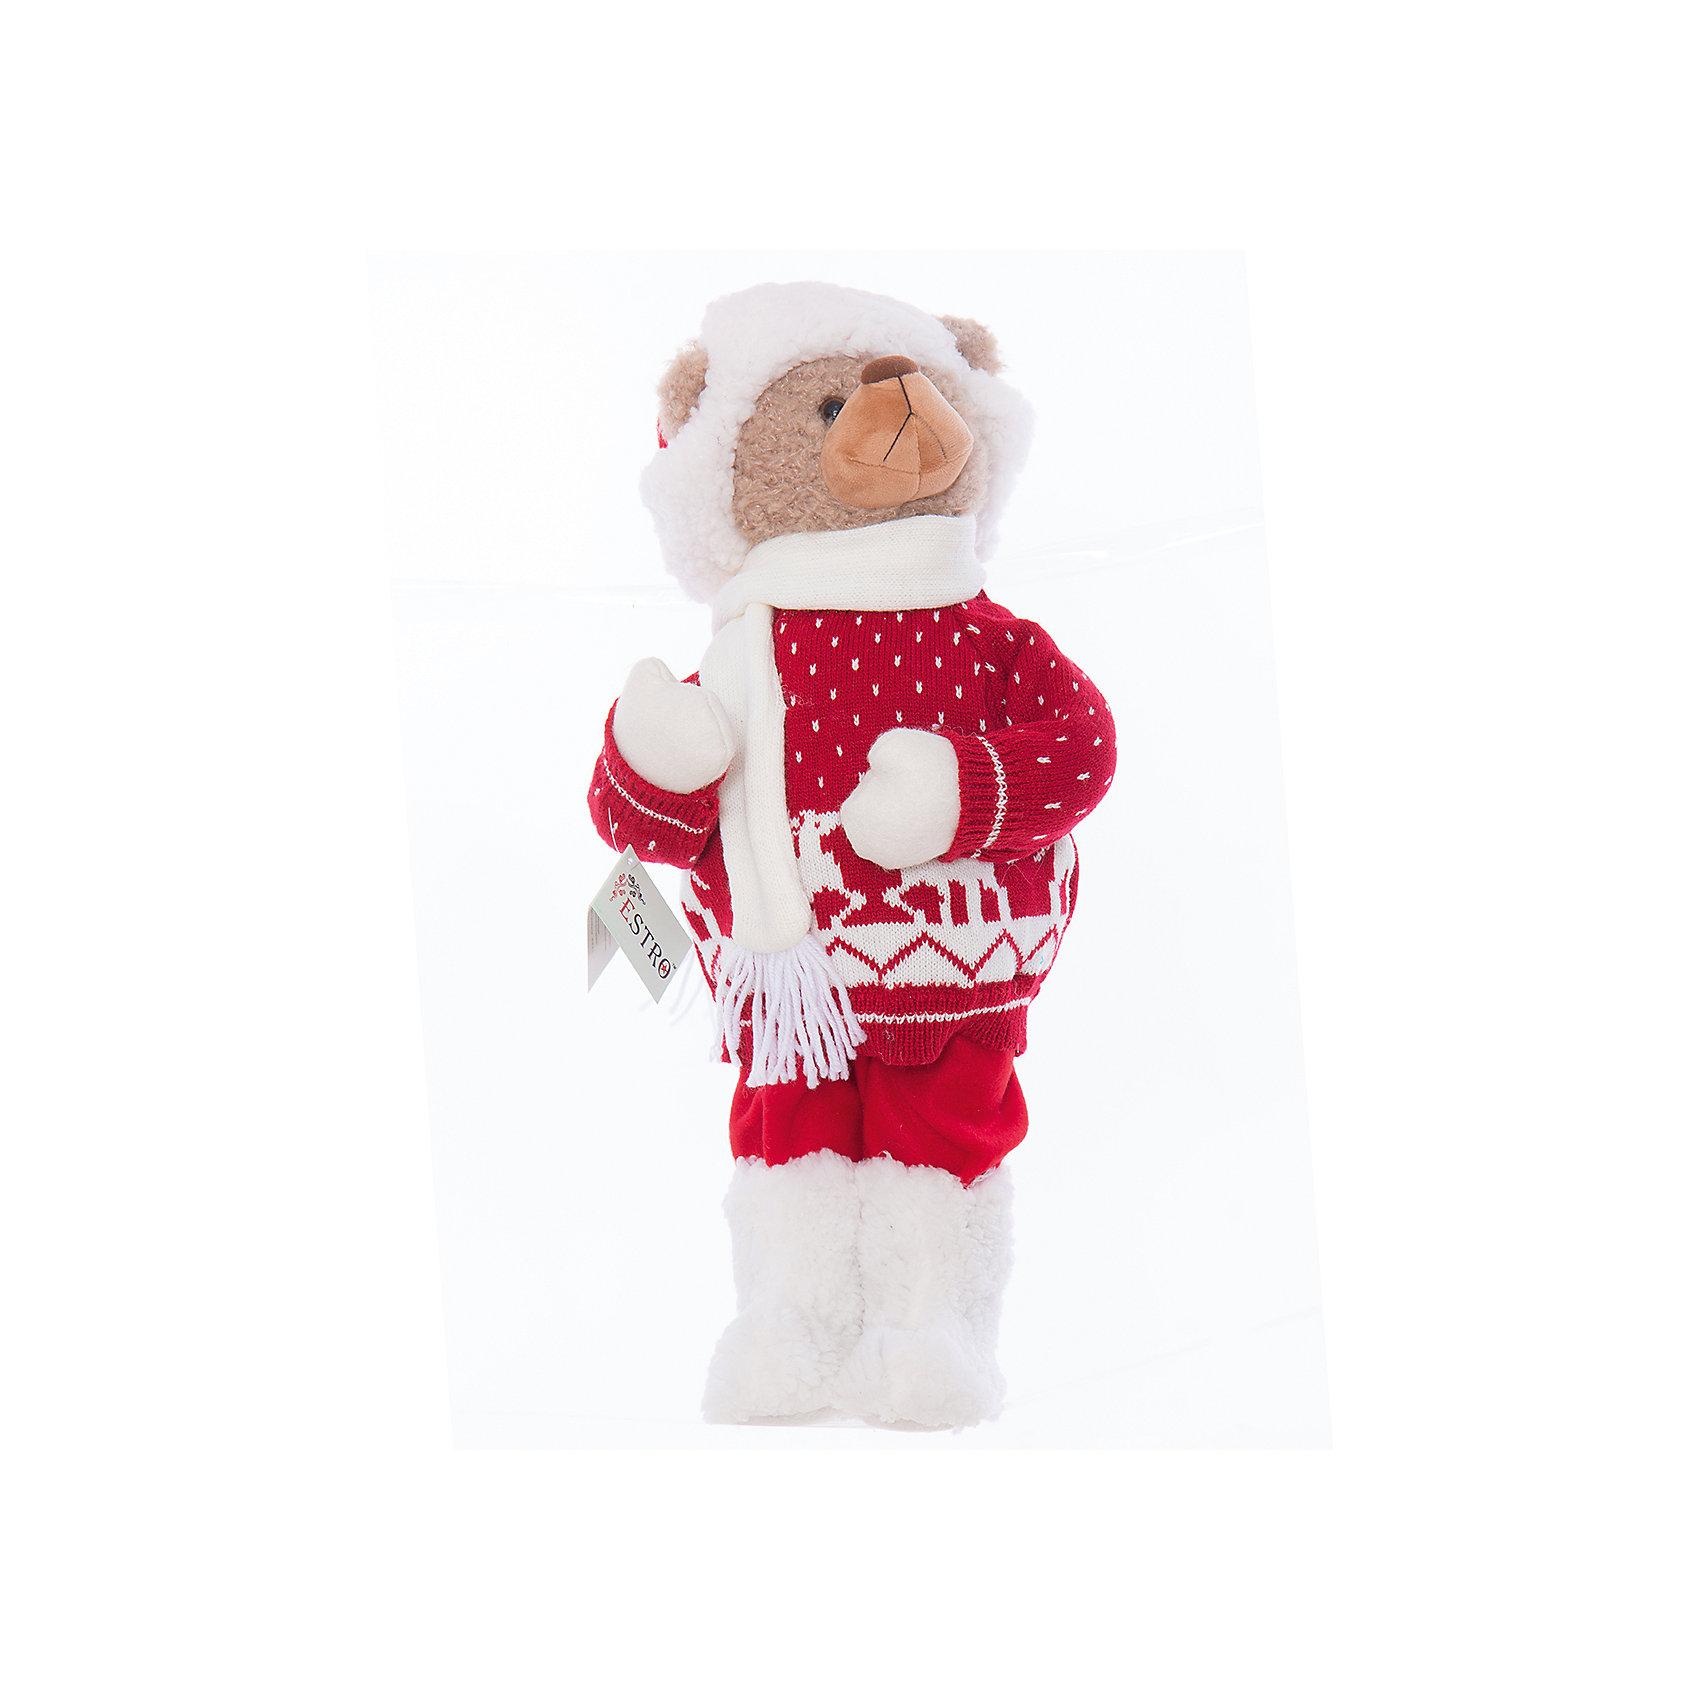 Интерьерная кукла Мишка C21-221035, EstroПредметы интерьера<br>Характеристики интерьерной куклы:<br><br>- состав: полиэстер, пластик, текстиль<br>- габариты предмета: 55* 20 *20 см <br>- комплектация: игрушка<br>- тип игрушки: животные<br>- вид упаковки: коробка<br>- возрастные ограничения: 3+<br>- бренд: Estro <br>- страна бренда: Италия<br>- страна производитель: Китай<br><br>Интерьерная кукла медвежонок в зимнем наряде торговой марки Estro непременно украсит Ваш дом в зимние праздники и будет приятным воспоминанием о них. Оригинальный дизайн и красочное исполнение создадут атмосферу праздника. Кукла медвежонок создана вручную, неповторима и оригинальна. Порадуйте своих друзей и близких этим замечательным подарком!<br><br>Интерьерную куклу медвежонок итальянской торговой марки Estro можно купить в нашем интернет-магазине.<br><br>Ширина мм: 200<br>Глубина мм: 200<br>Высота мм: 550<br>Вес г: 485<br>Возраст от месяцев: 36<br>Возраст до месяцев: 1188<br>Пол: Унисекс<br>Возраст: Детский<br>SKU: 5356638